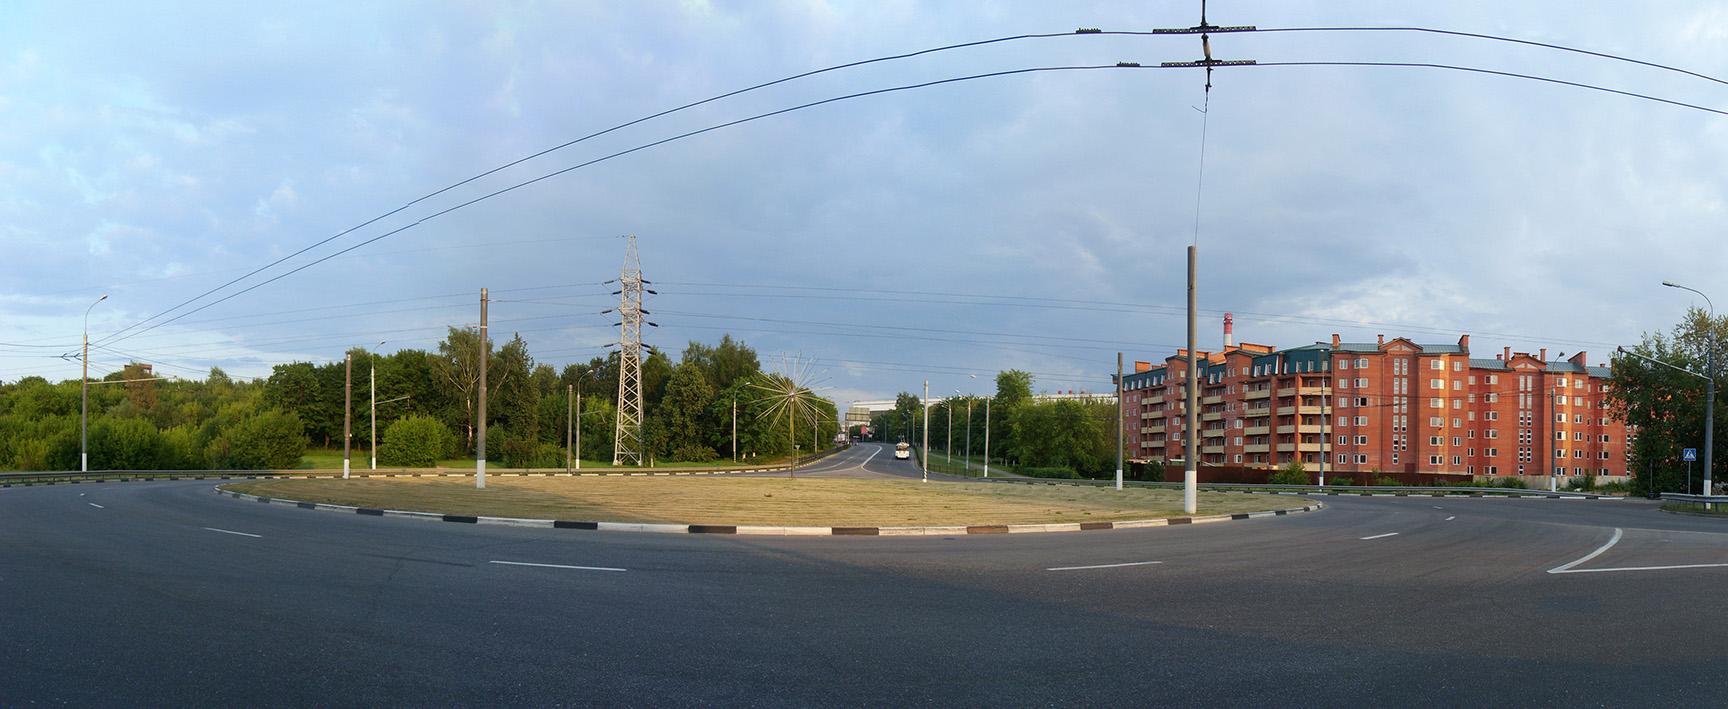 Погода в дадунхае в июне